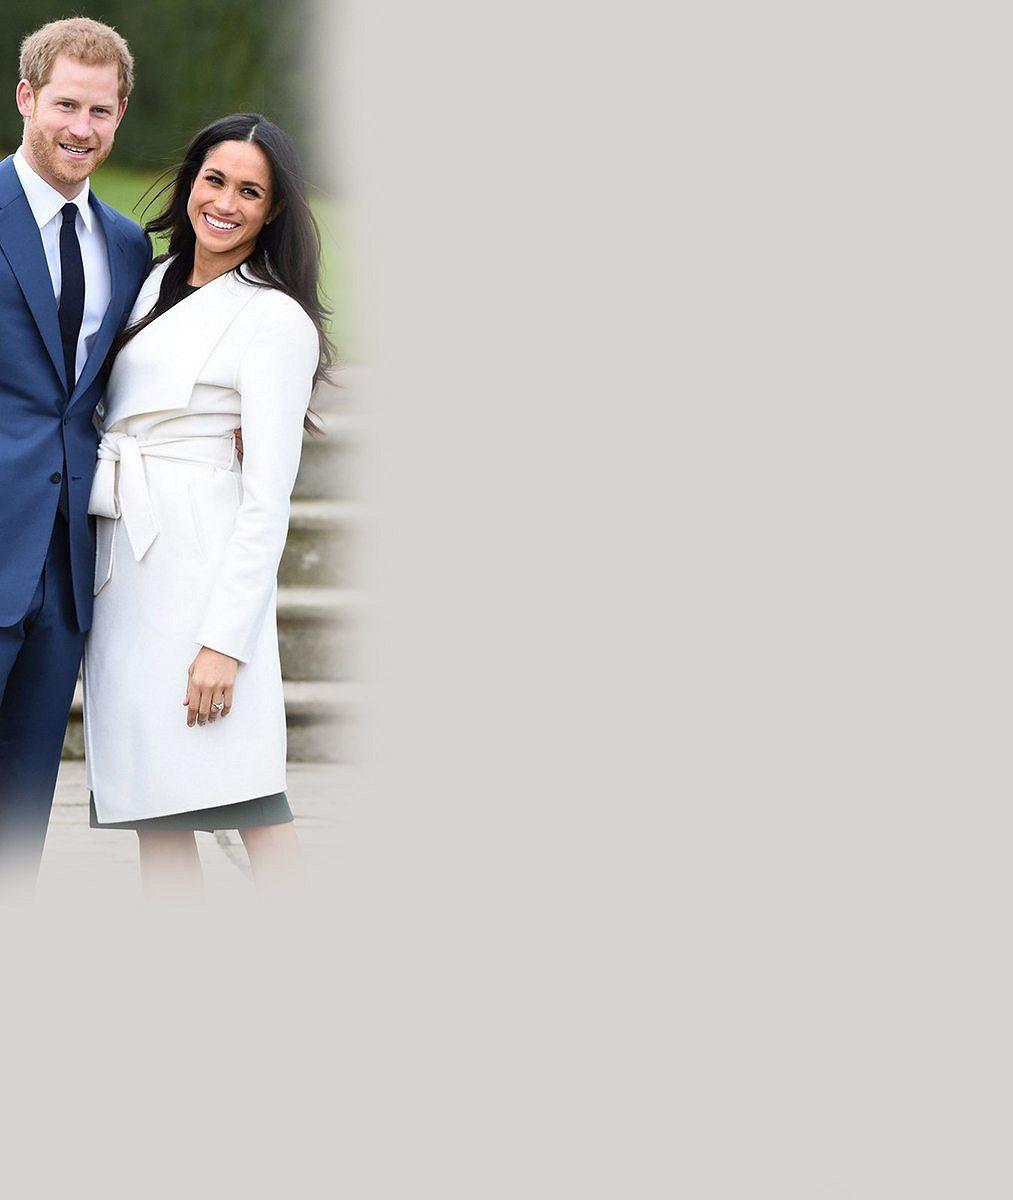 Udělal jsem, co by udělal každý manžel a otec, tvrdí princ Harry: Co ještě prásknul na svou rodinu?